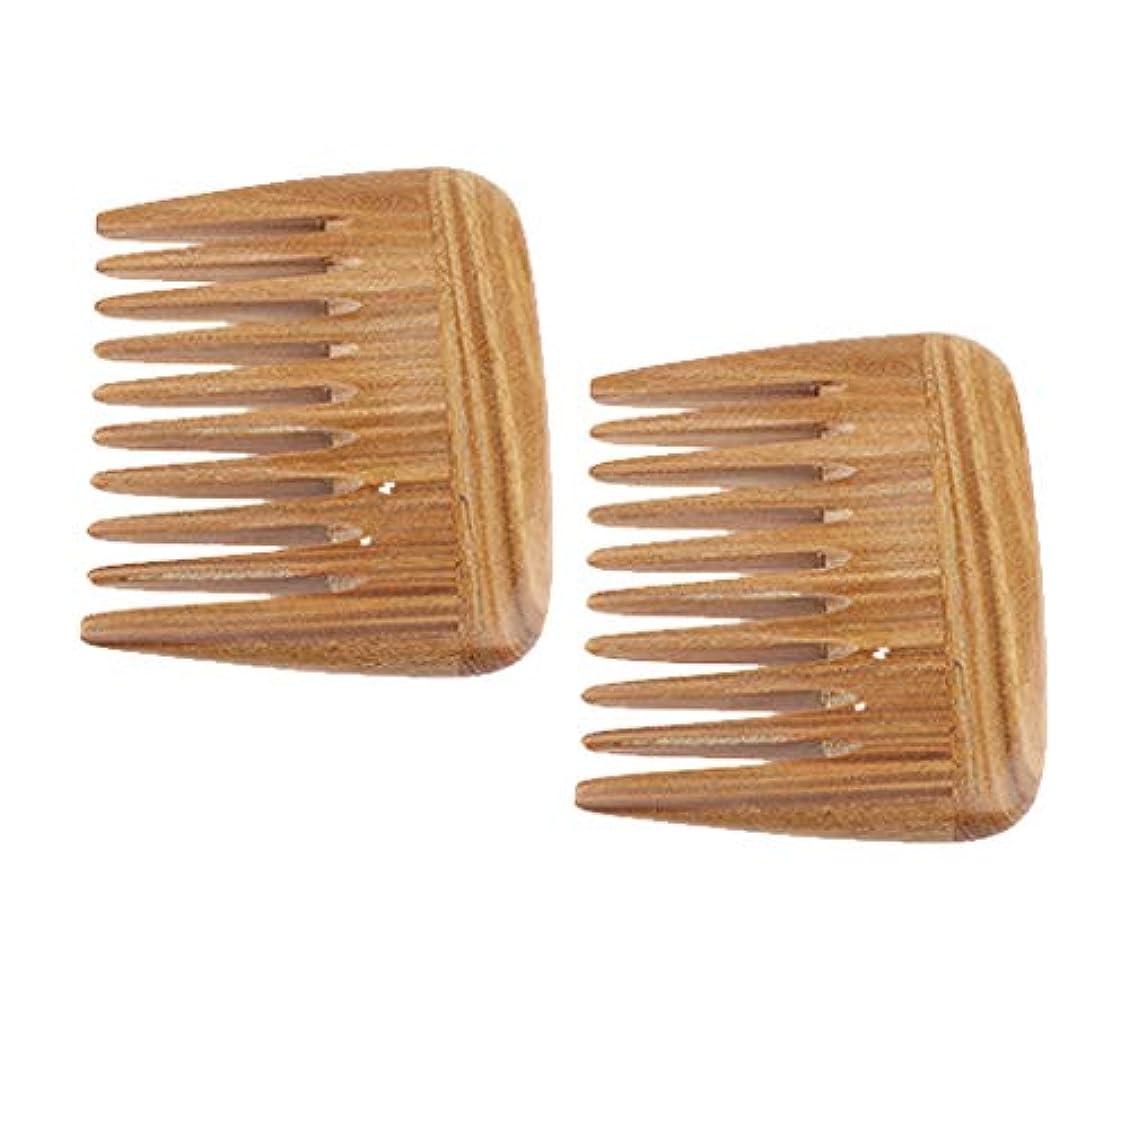 護衛炭素再生レトロポケットブラシ 静電気 防止天然マッサージ広い歯 髪の櫛 2個入り